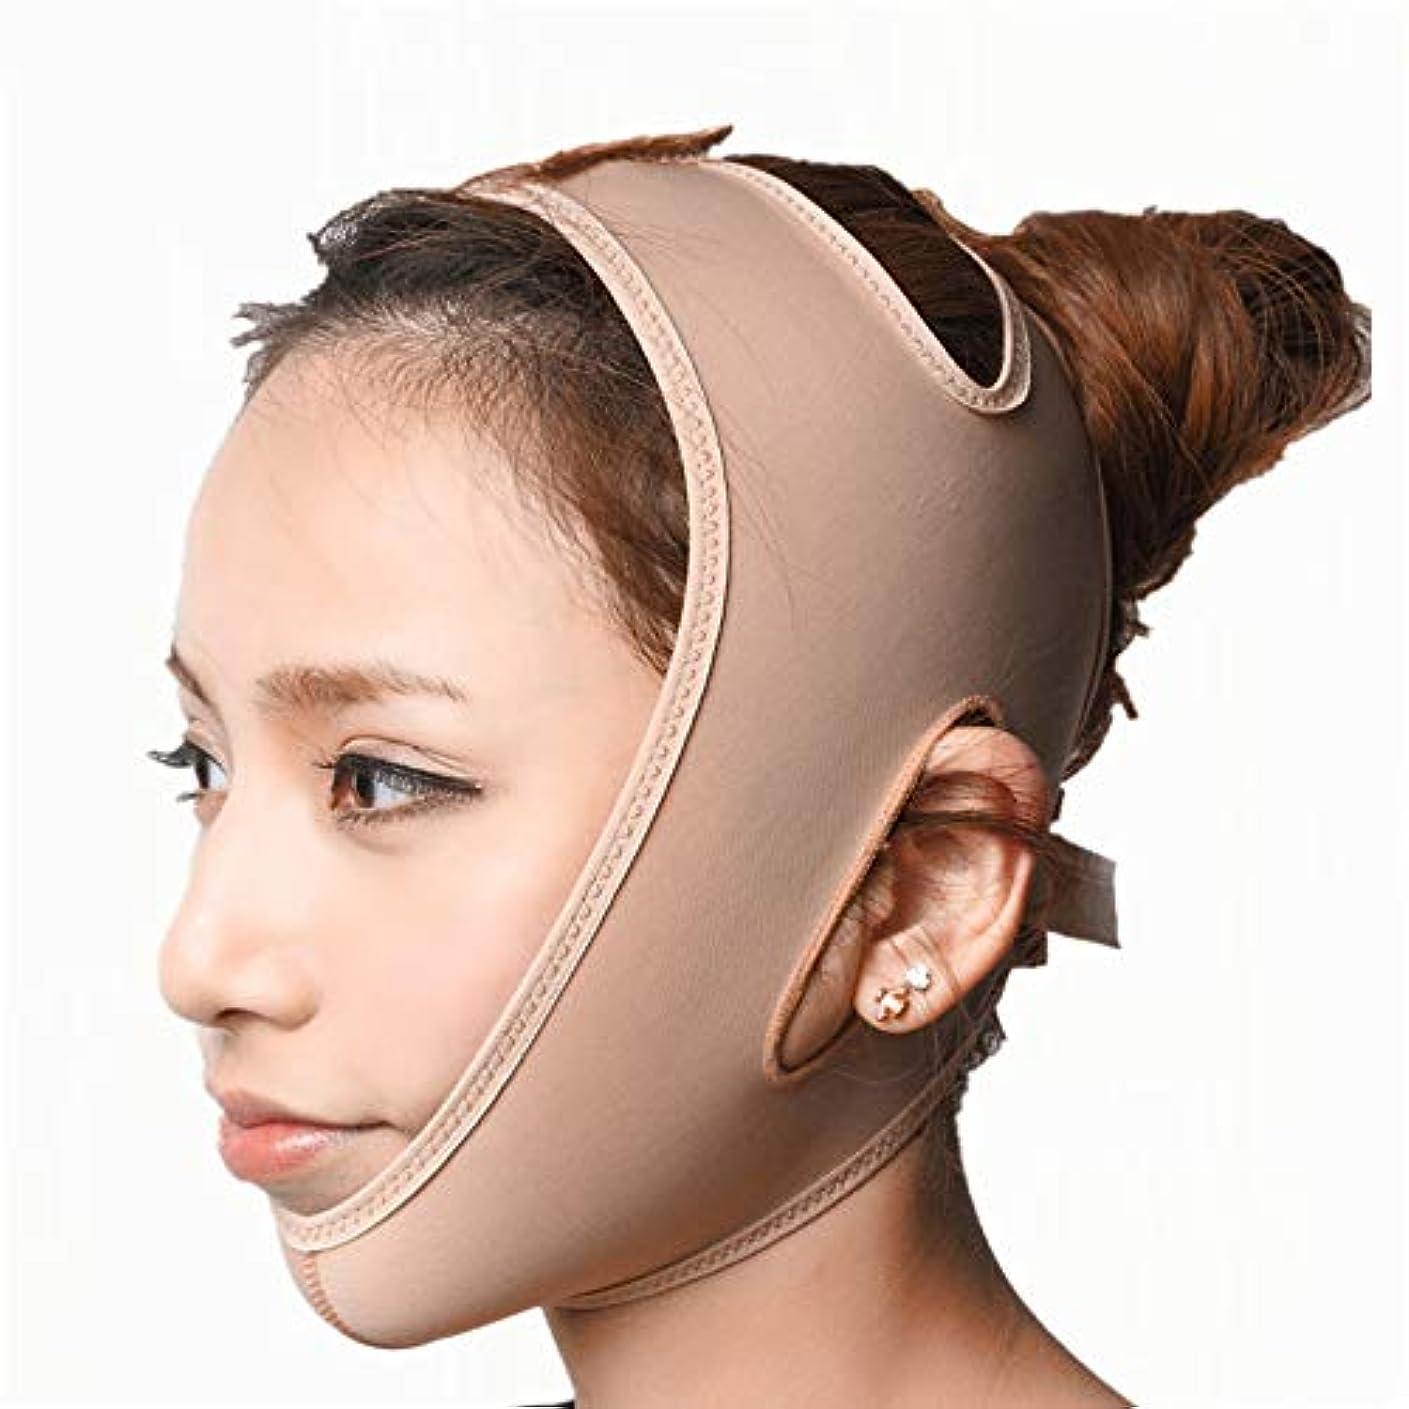 協力寝てるアンプMinmin 顔の持ち上がる痩身ベルト - アンチエイジングリンクルフェイスマスクベルトシンフェイス包帯整形マスクは顔と首を締めますフェイススリム みんみんVラインフェイスマスク (Size : L)